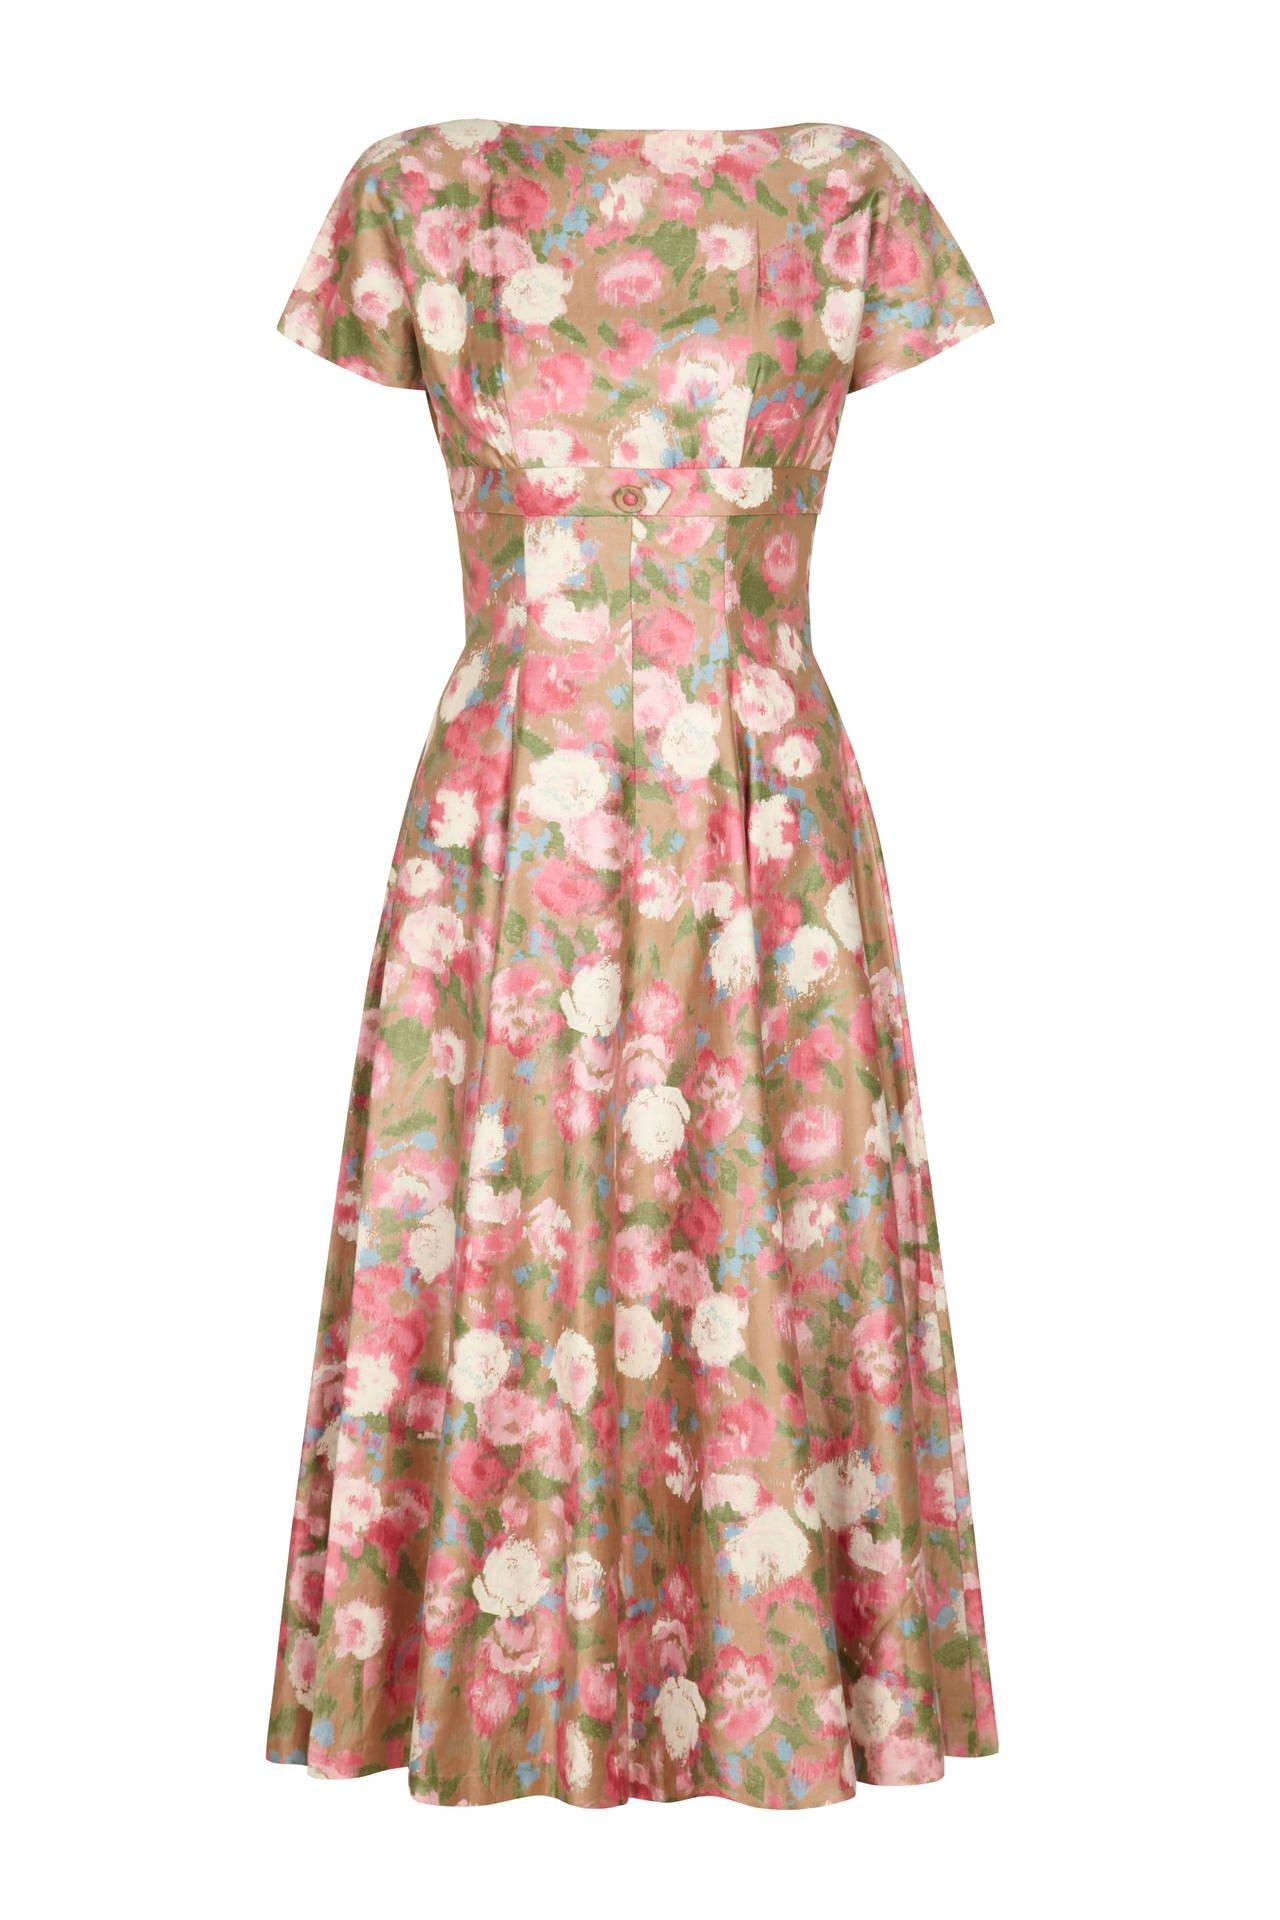 1950s Cotton Floral Dress via 1st Dibs